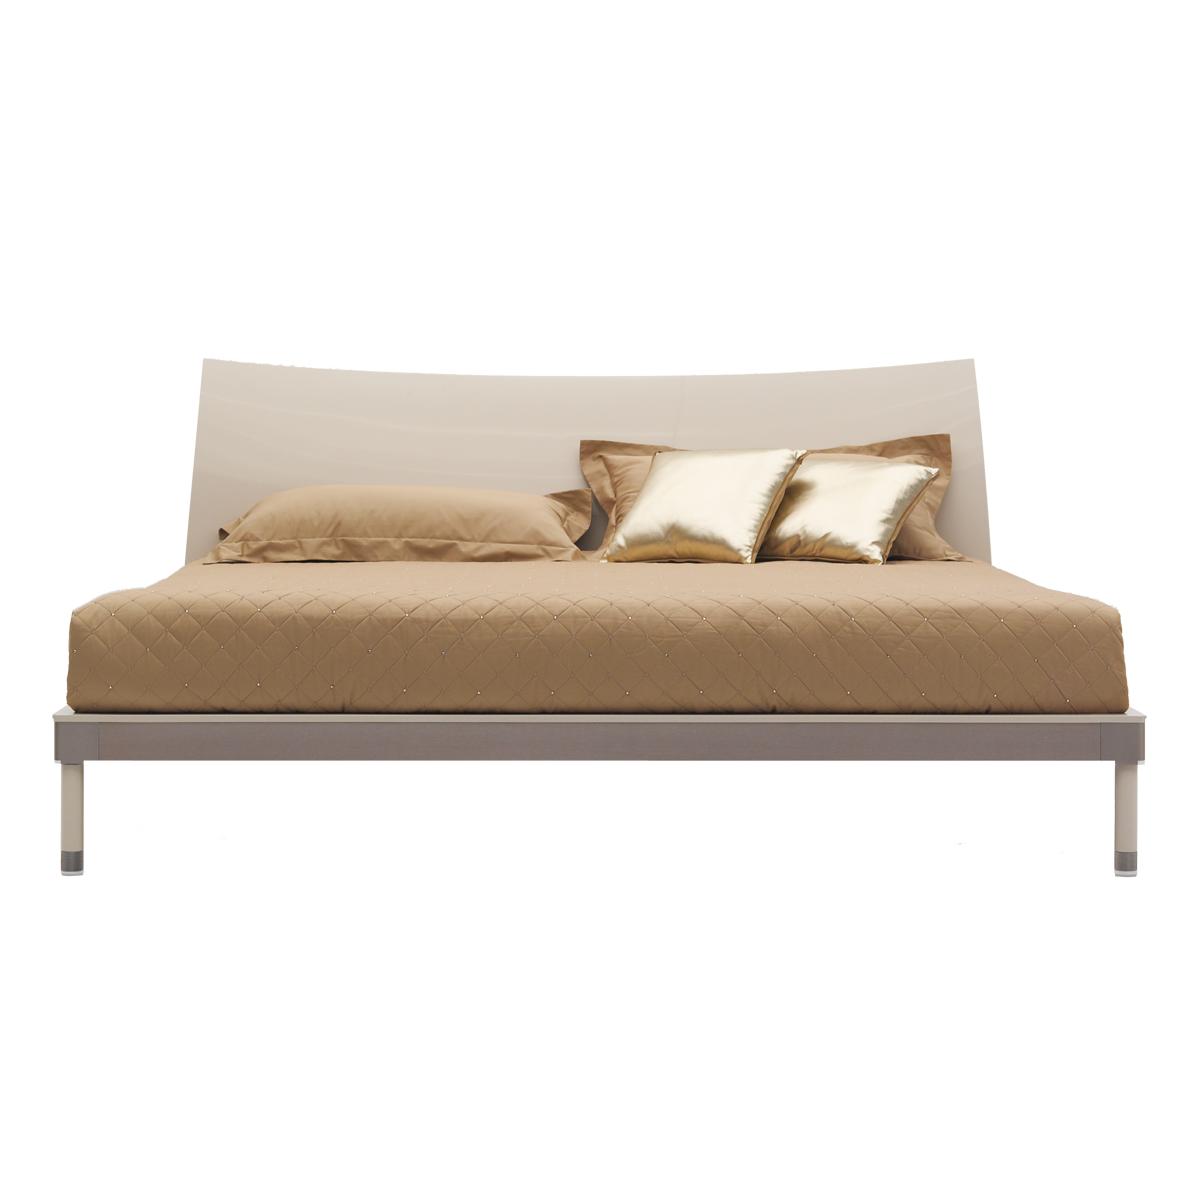 WAVE MODERN BED FRAME Beyond Furniture